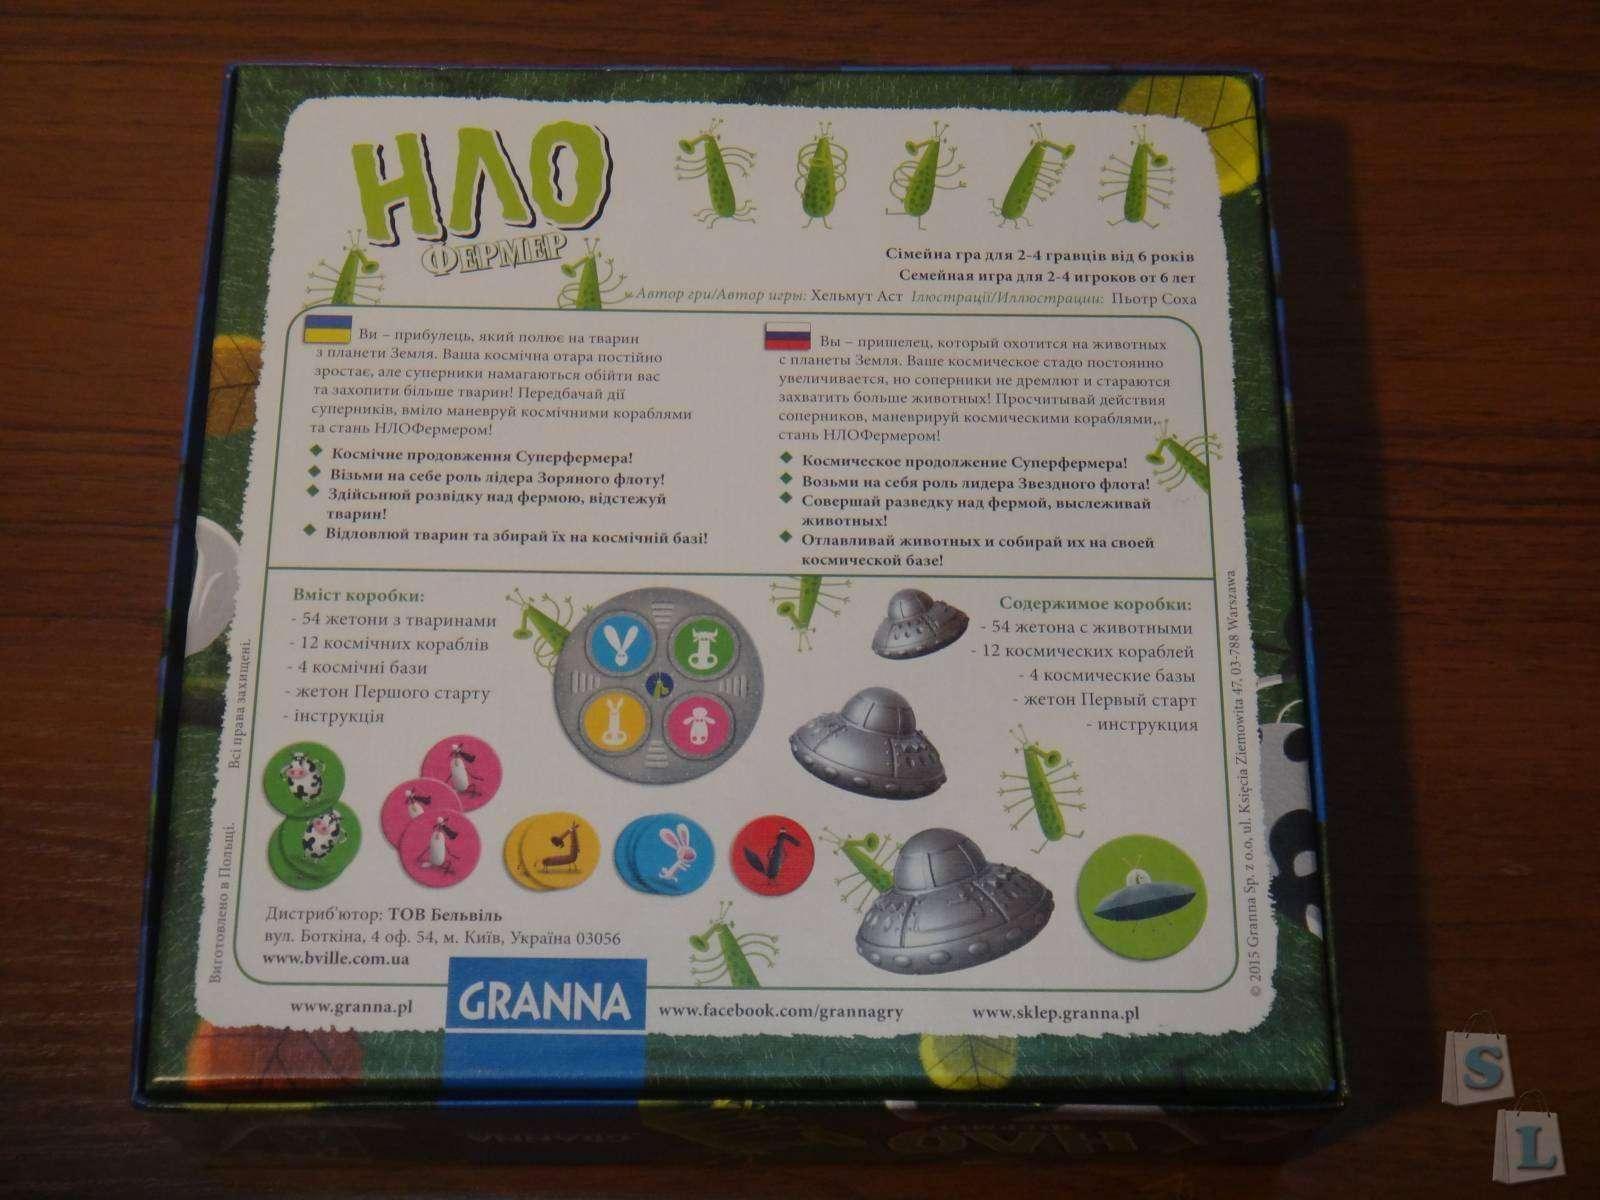 Другие - Украина: Обзор Granna 'НЛО Фермер' настольная детская игра для всей семьи